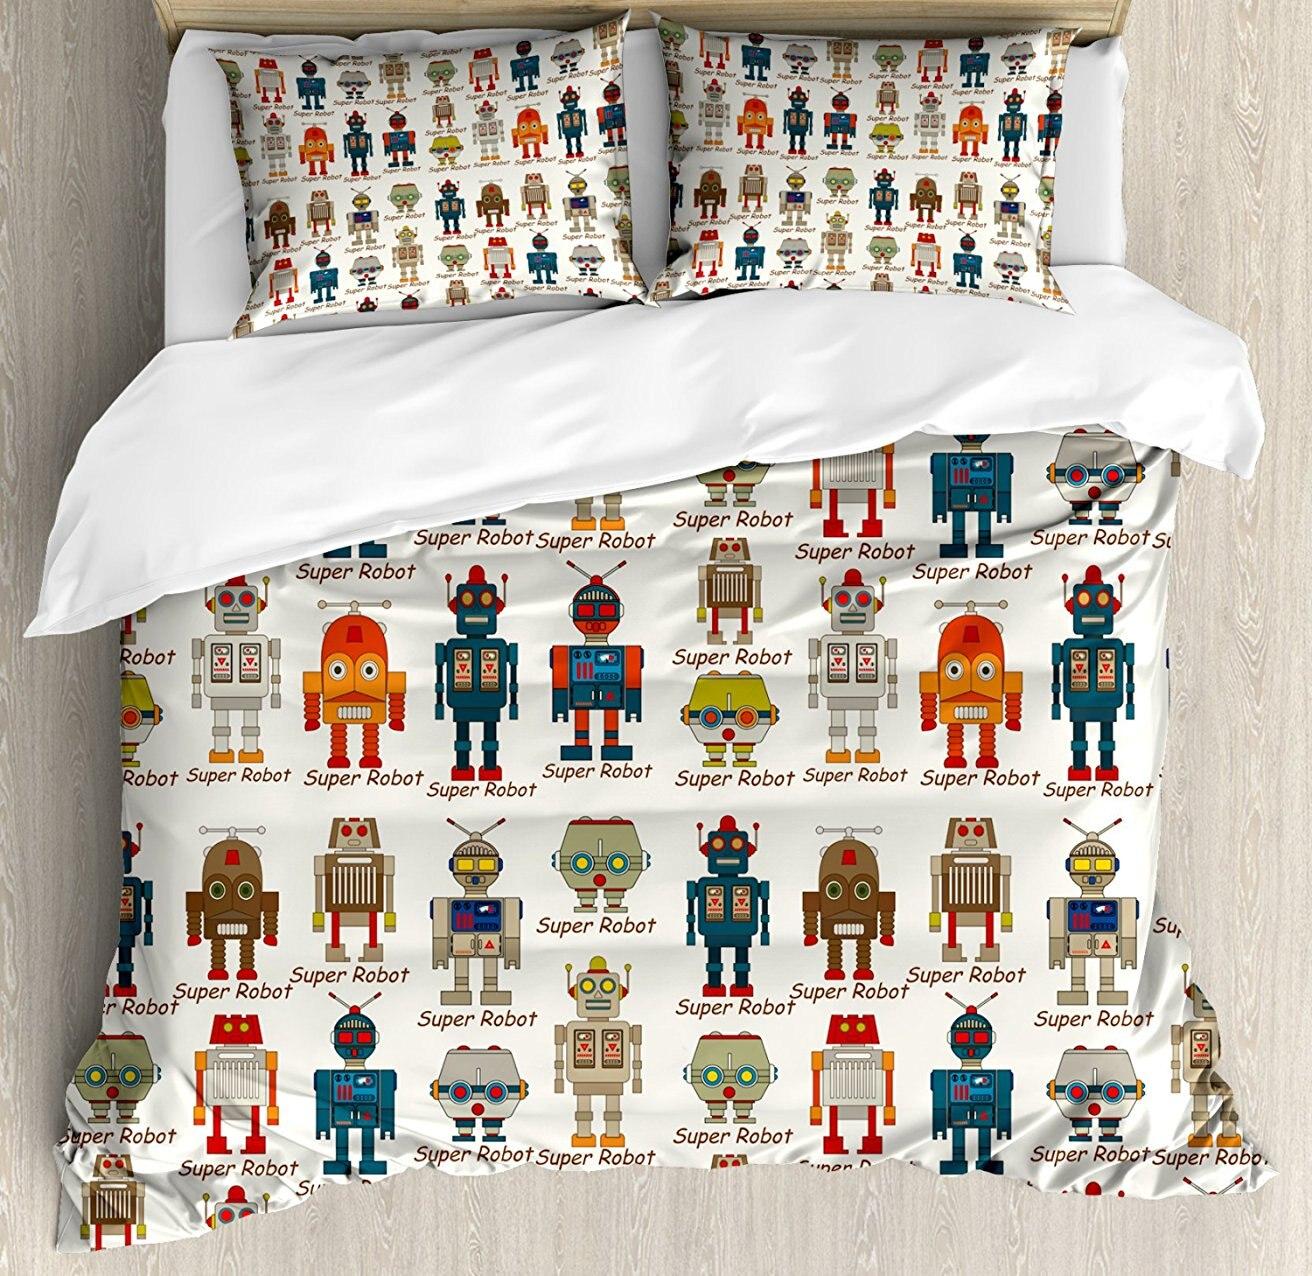 Enfants housse de couette ensemble divers différents Super Robot Figures ensemble dans le Style de bande dessinée fantaisie futuriste Machine décor ensemble de literie